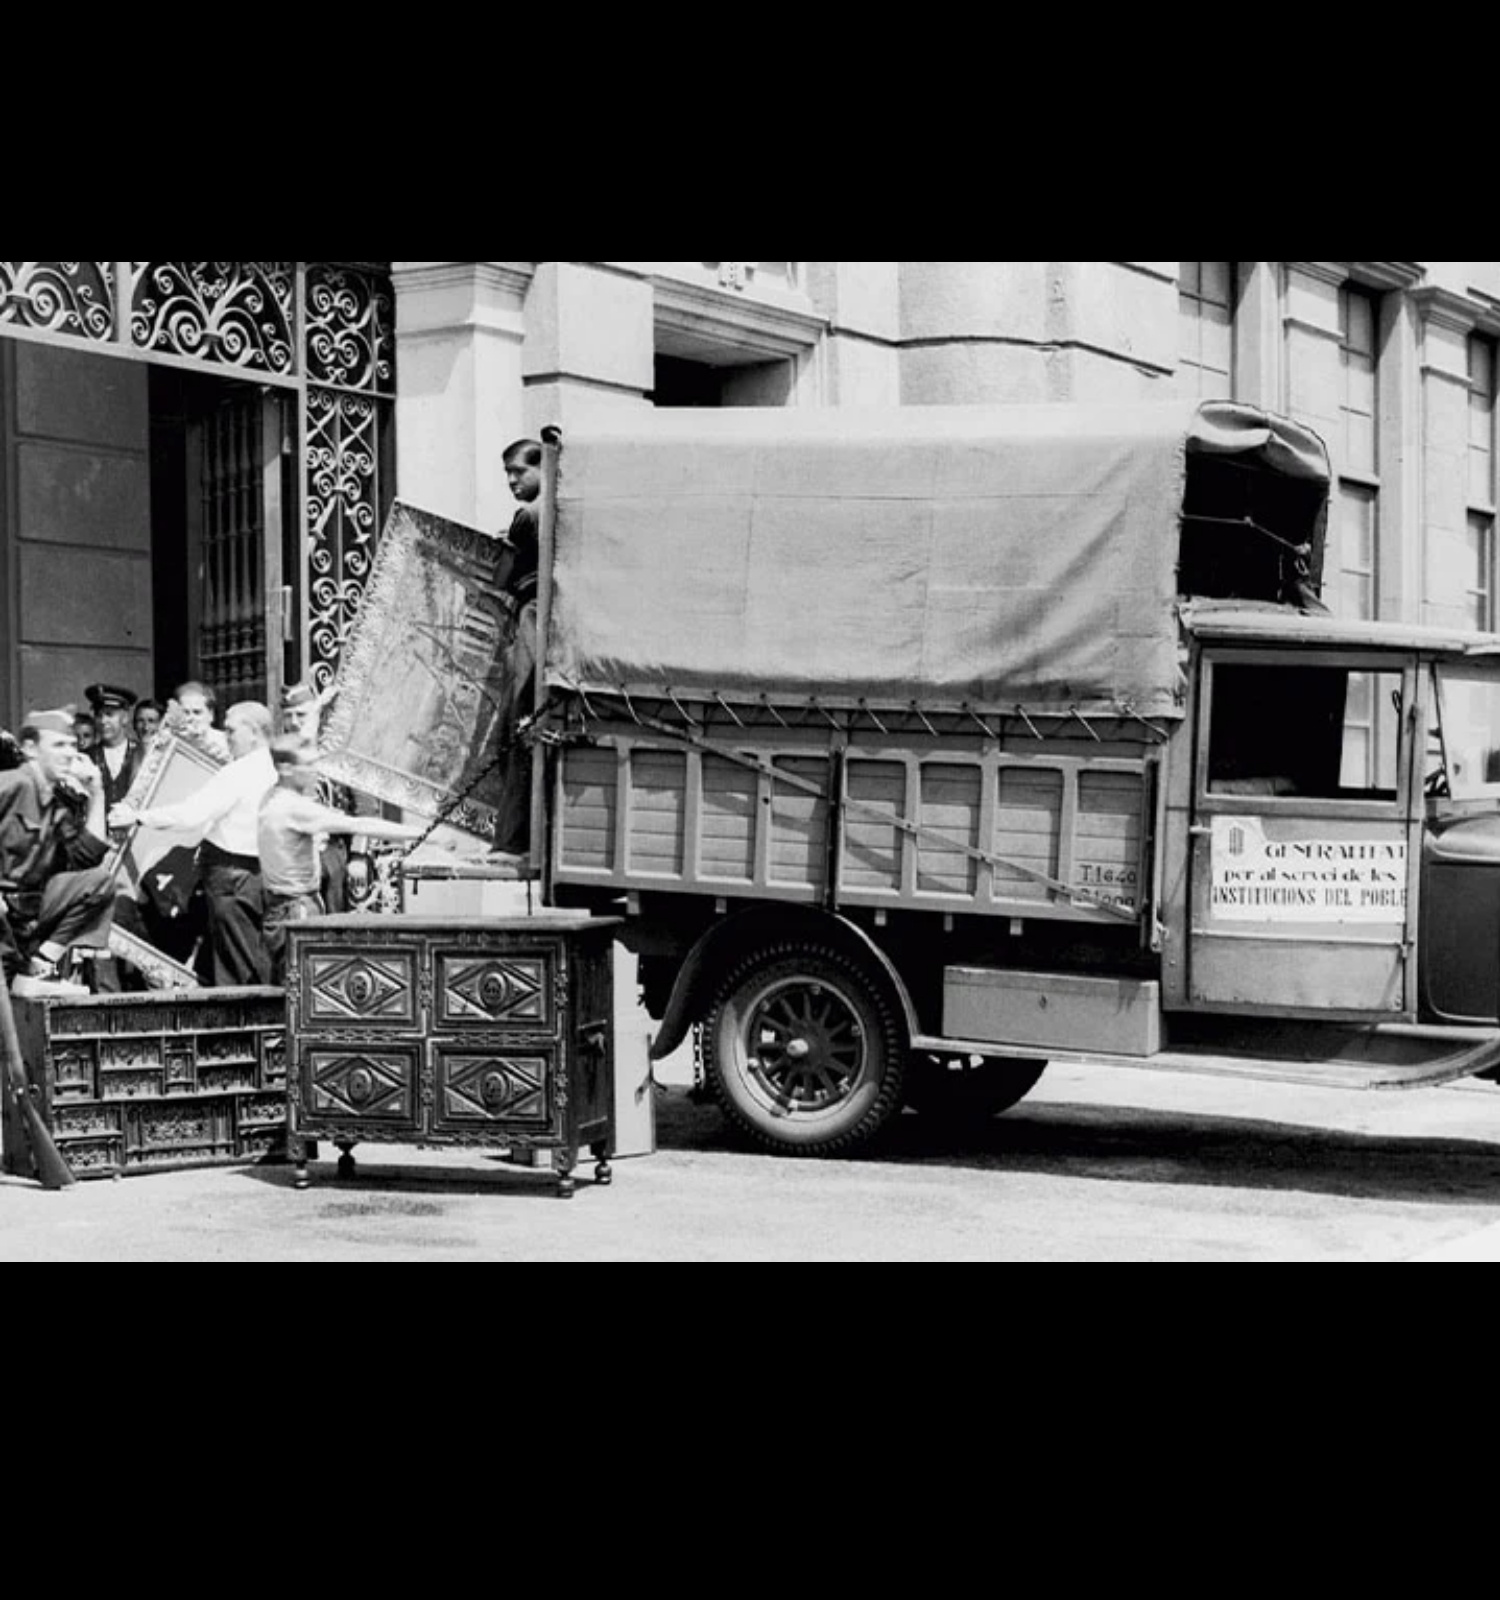 Entrada de les obres requisades, juliol 1936. © Arxiu Fotogràfic de Barcelona. Joan Vidal Ventosa